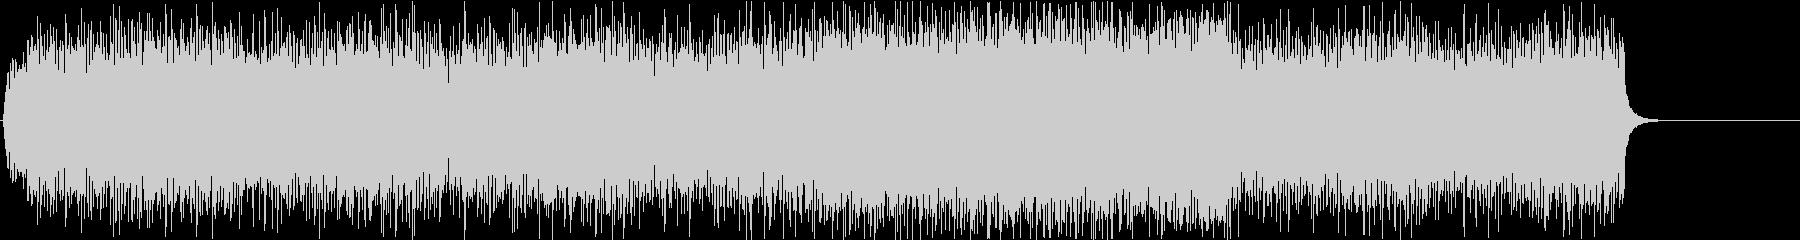 エレキギター炸裂のメタルリフ/戦闘シーンの未再生の波形